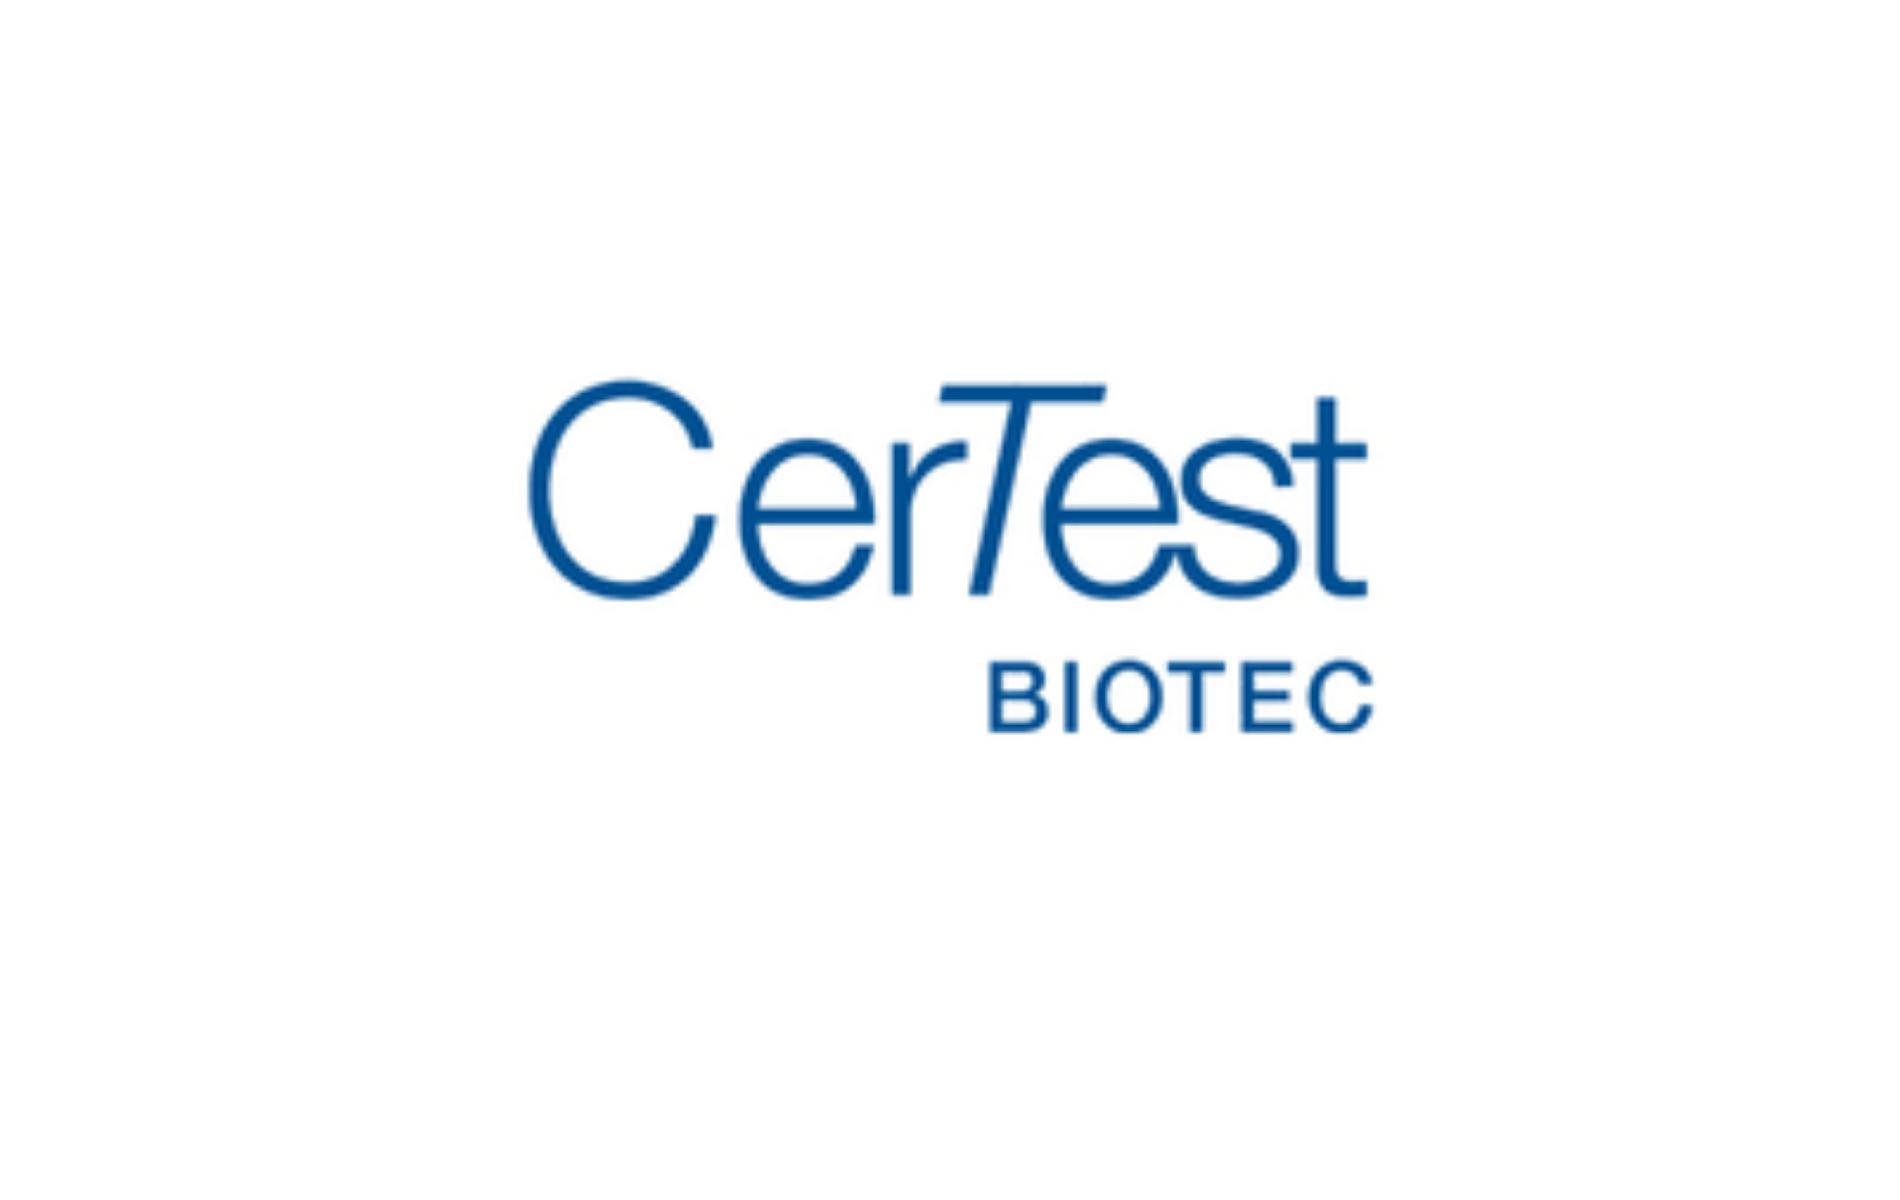 Certest Biotec amplía sus instalaciones en San Mateo de Gállego - Redacción – Club Cámara